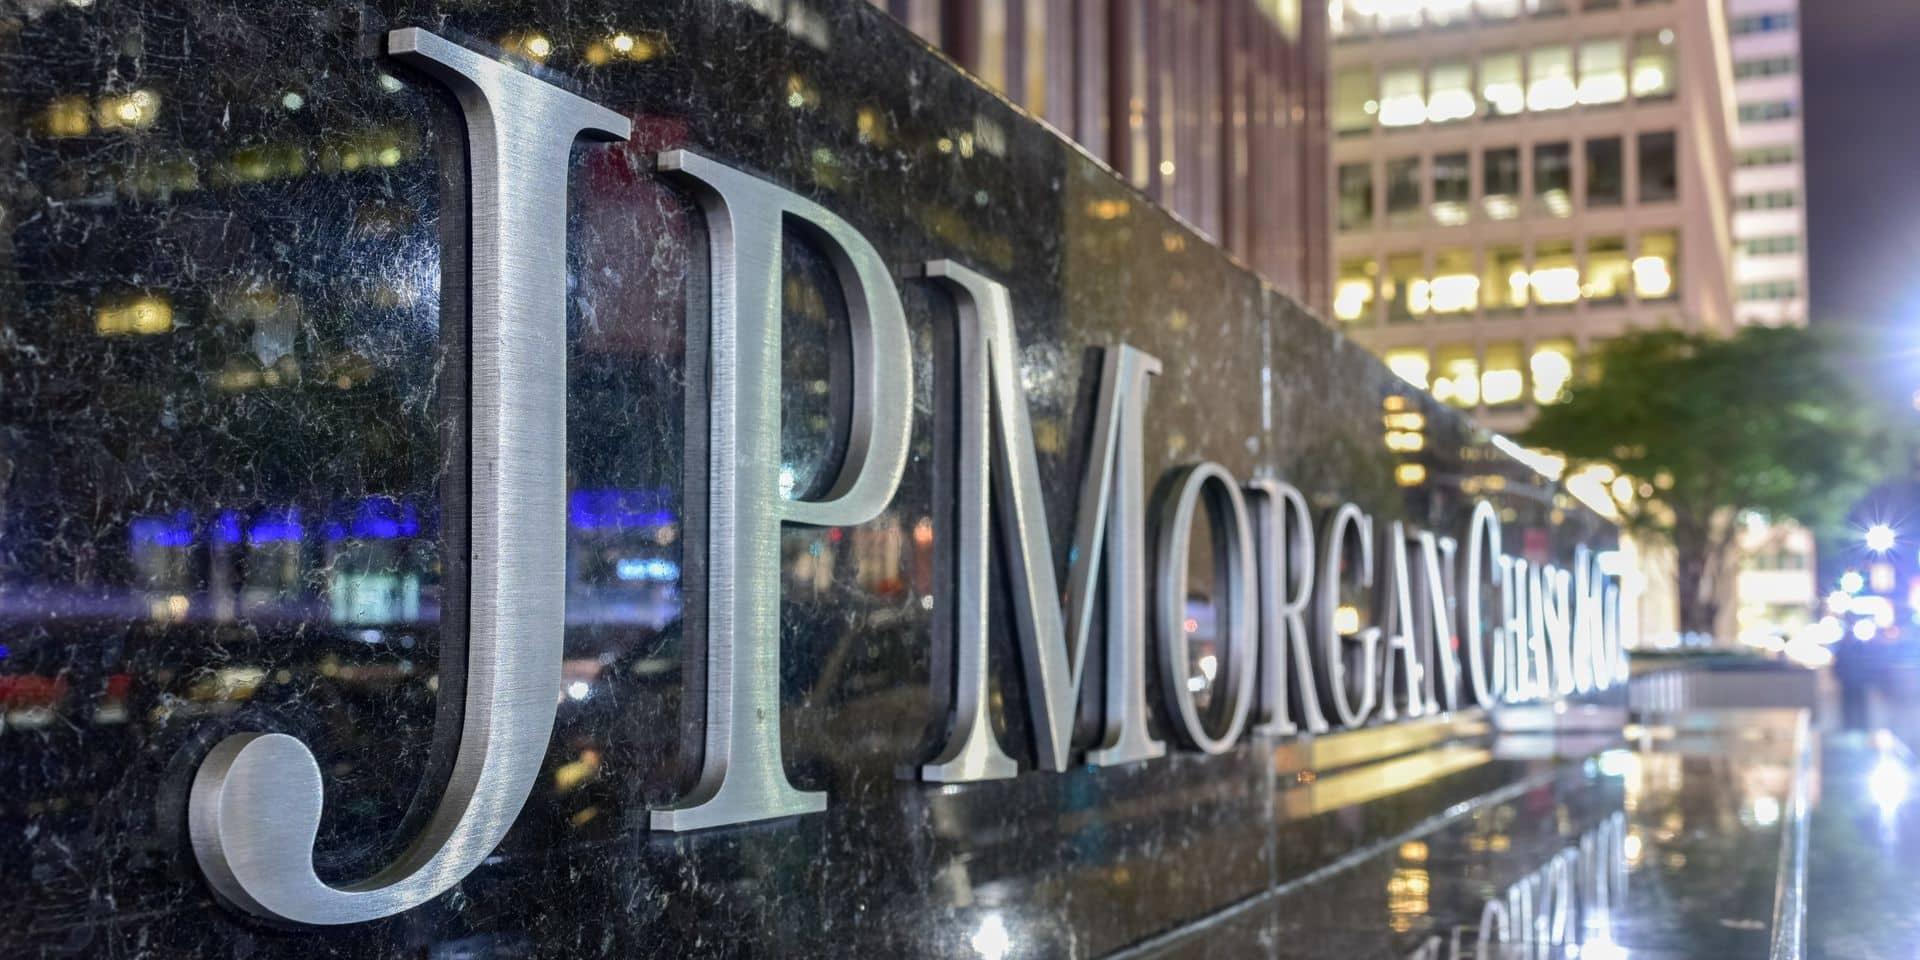 Trois raisons qui expliquent pourquoi le secteur bancaire américain a été touché par la crise